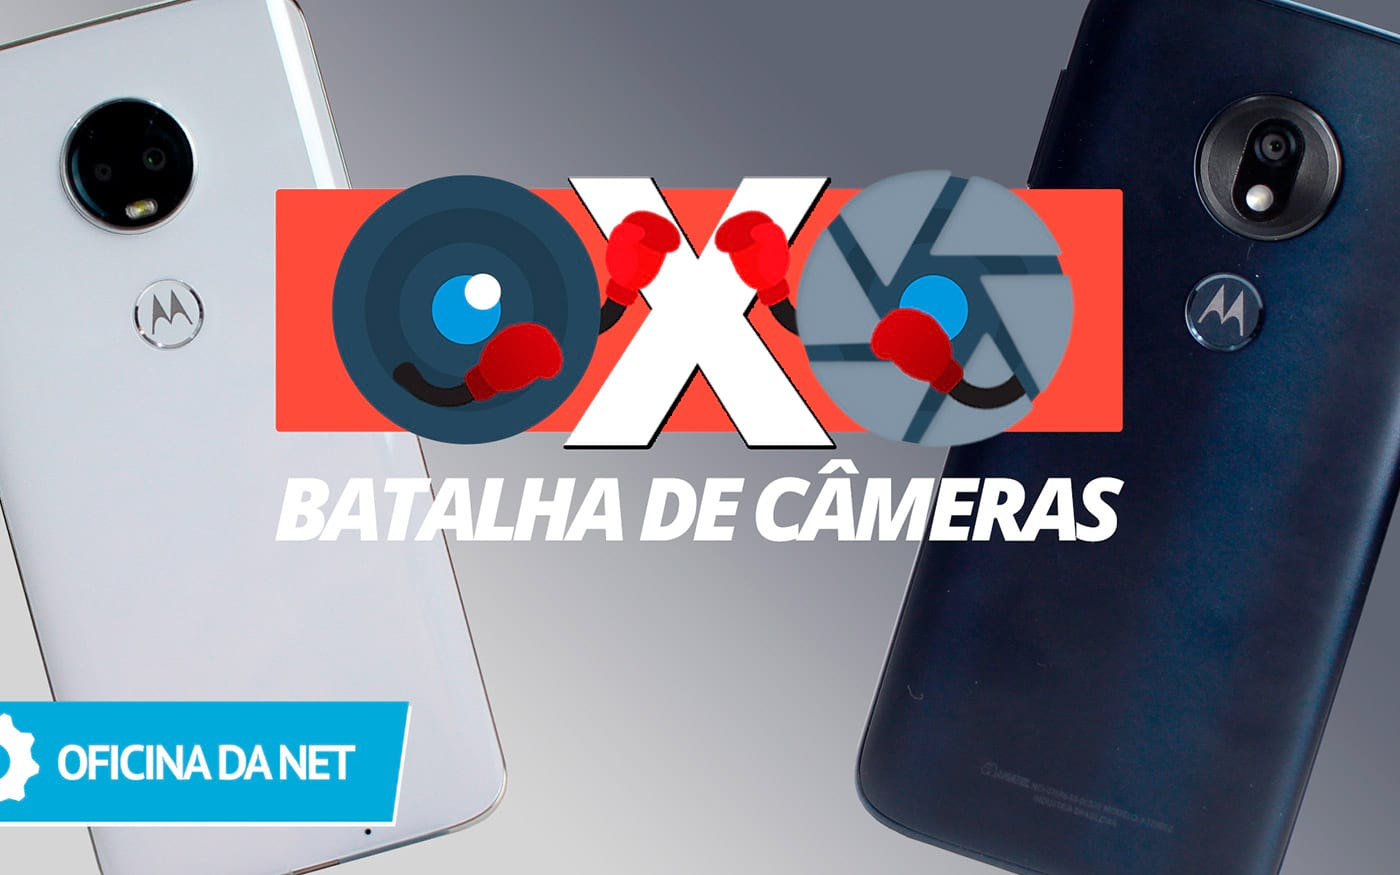 Moto G7 vs Moto G7 Play - qual tem melhor câmera?